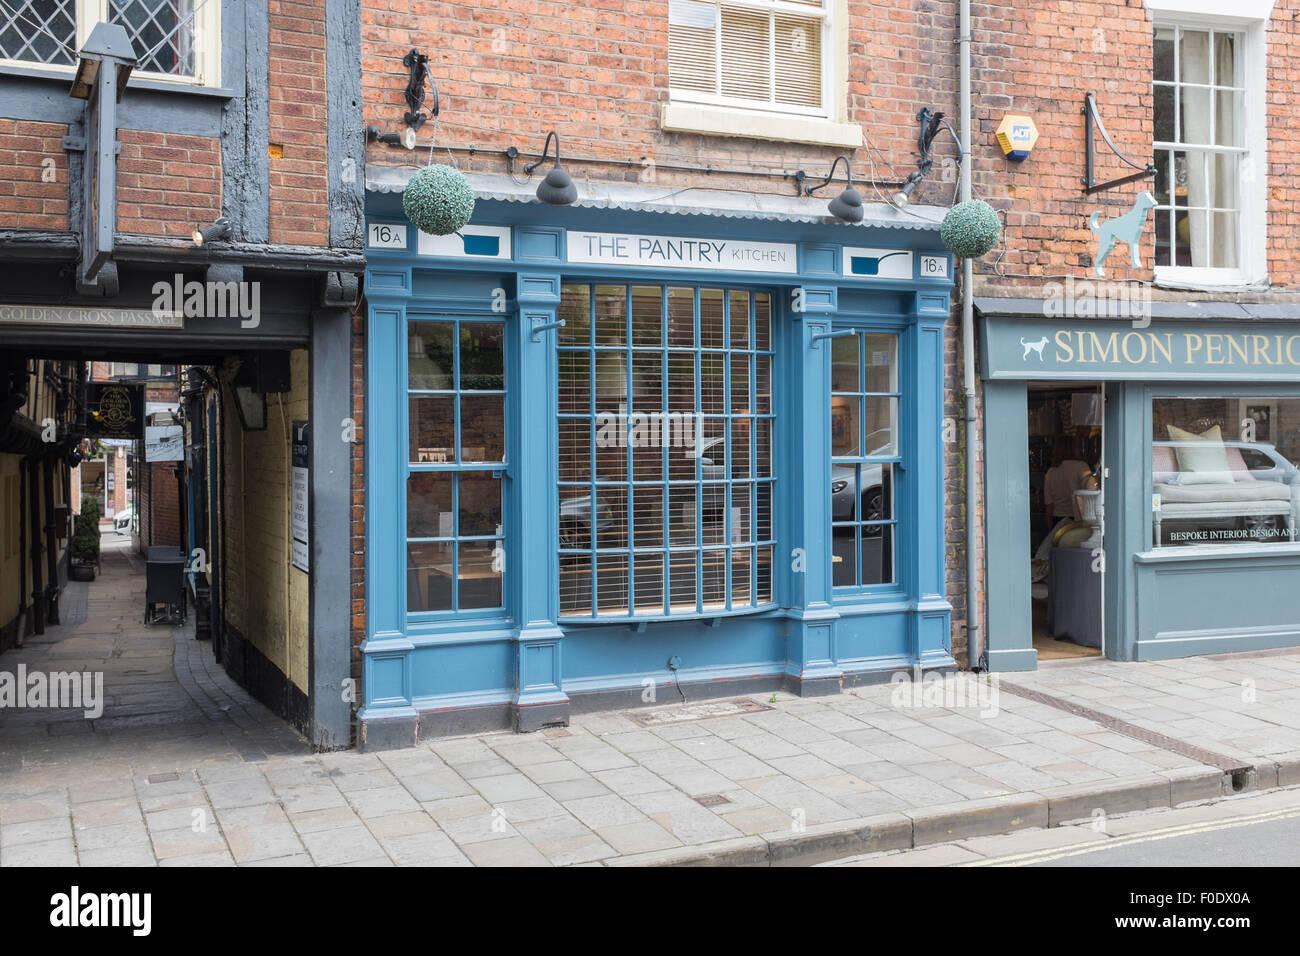 Princess Street Shops Stock Photos & Princess Street Shops Stock ...